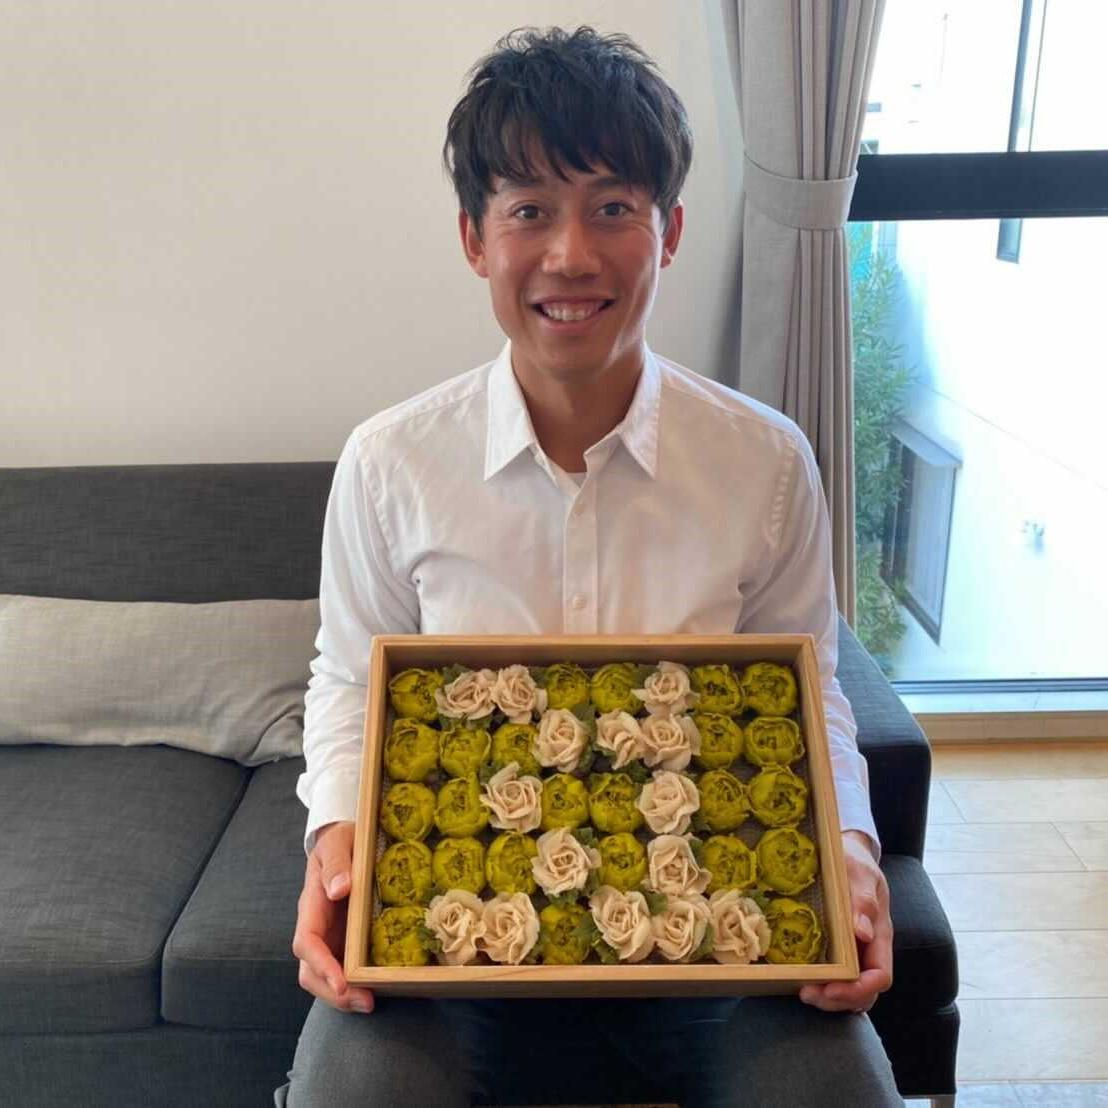 撮影の合間に、錦織選手の好きな おはぎ でお祝い🎂錦織圭選手、31歳のお誕生日おめでとうございます🎉さらなる飛躍の一年となることを祈っています‼︎  Happy 31st Birthday, Kei🎂We made a little surprise with decorated Japanese sweets Ohagi in between the shooting🎥  @keinishikori #hbd